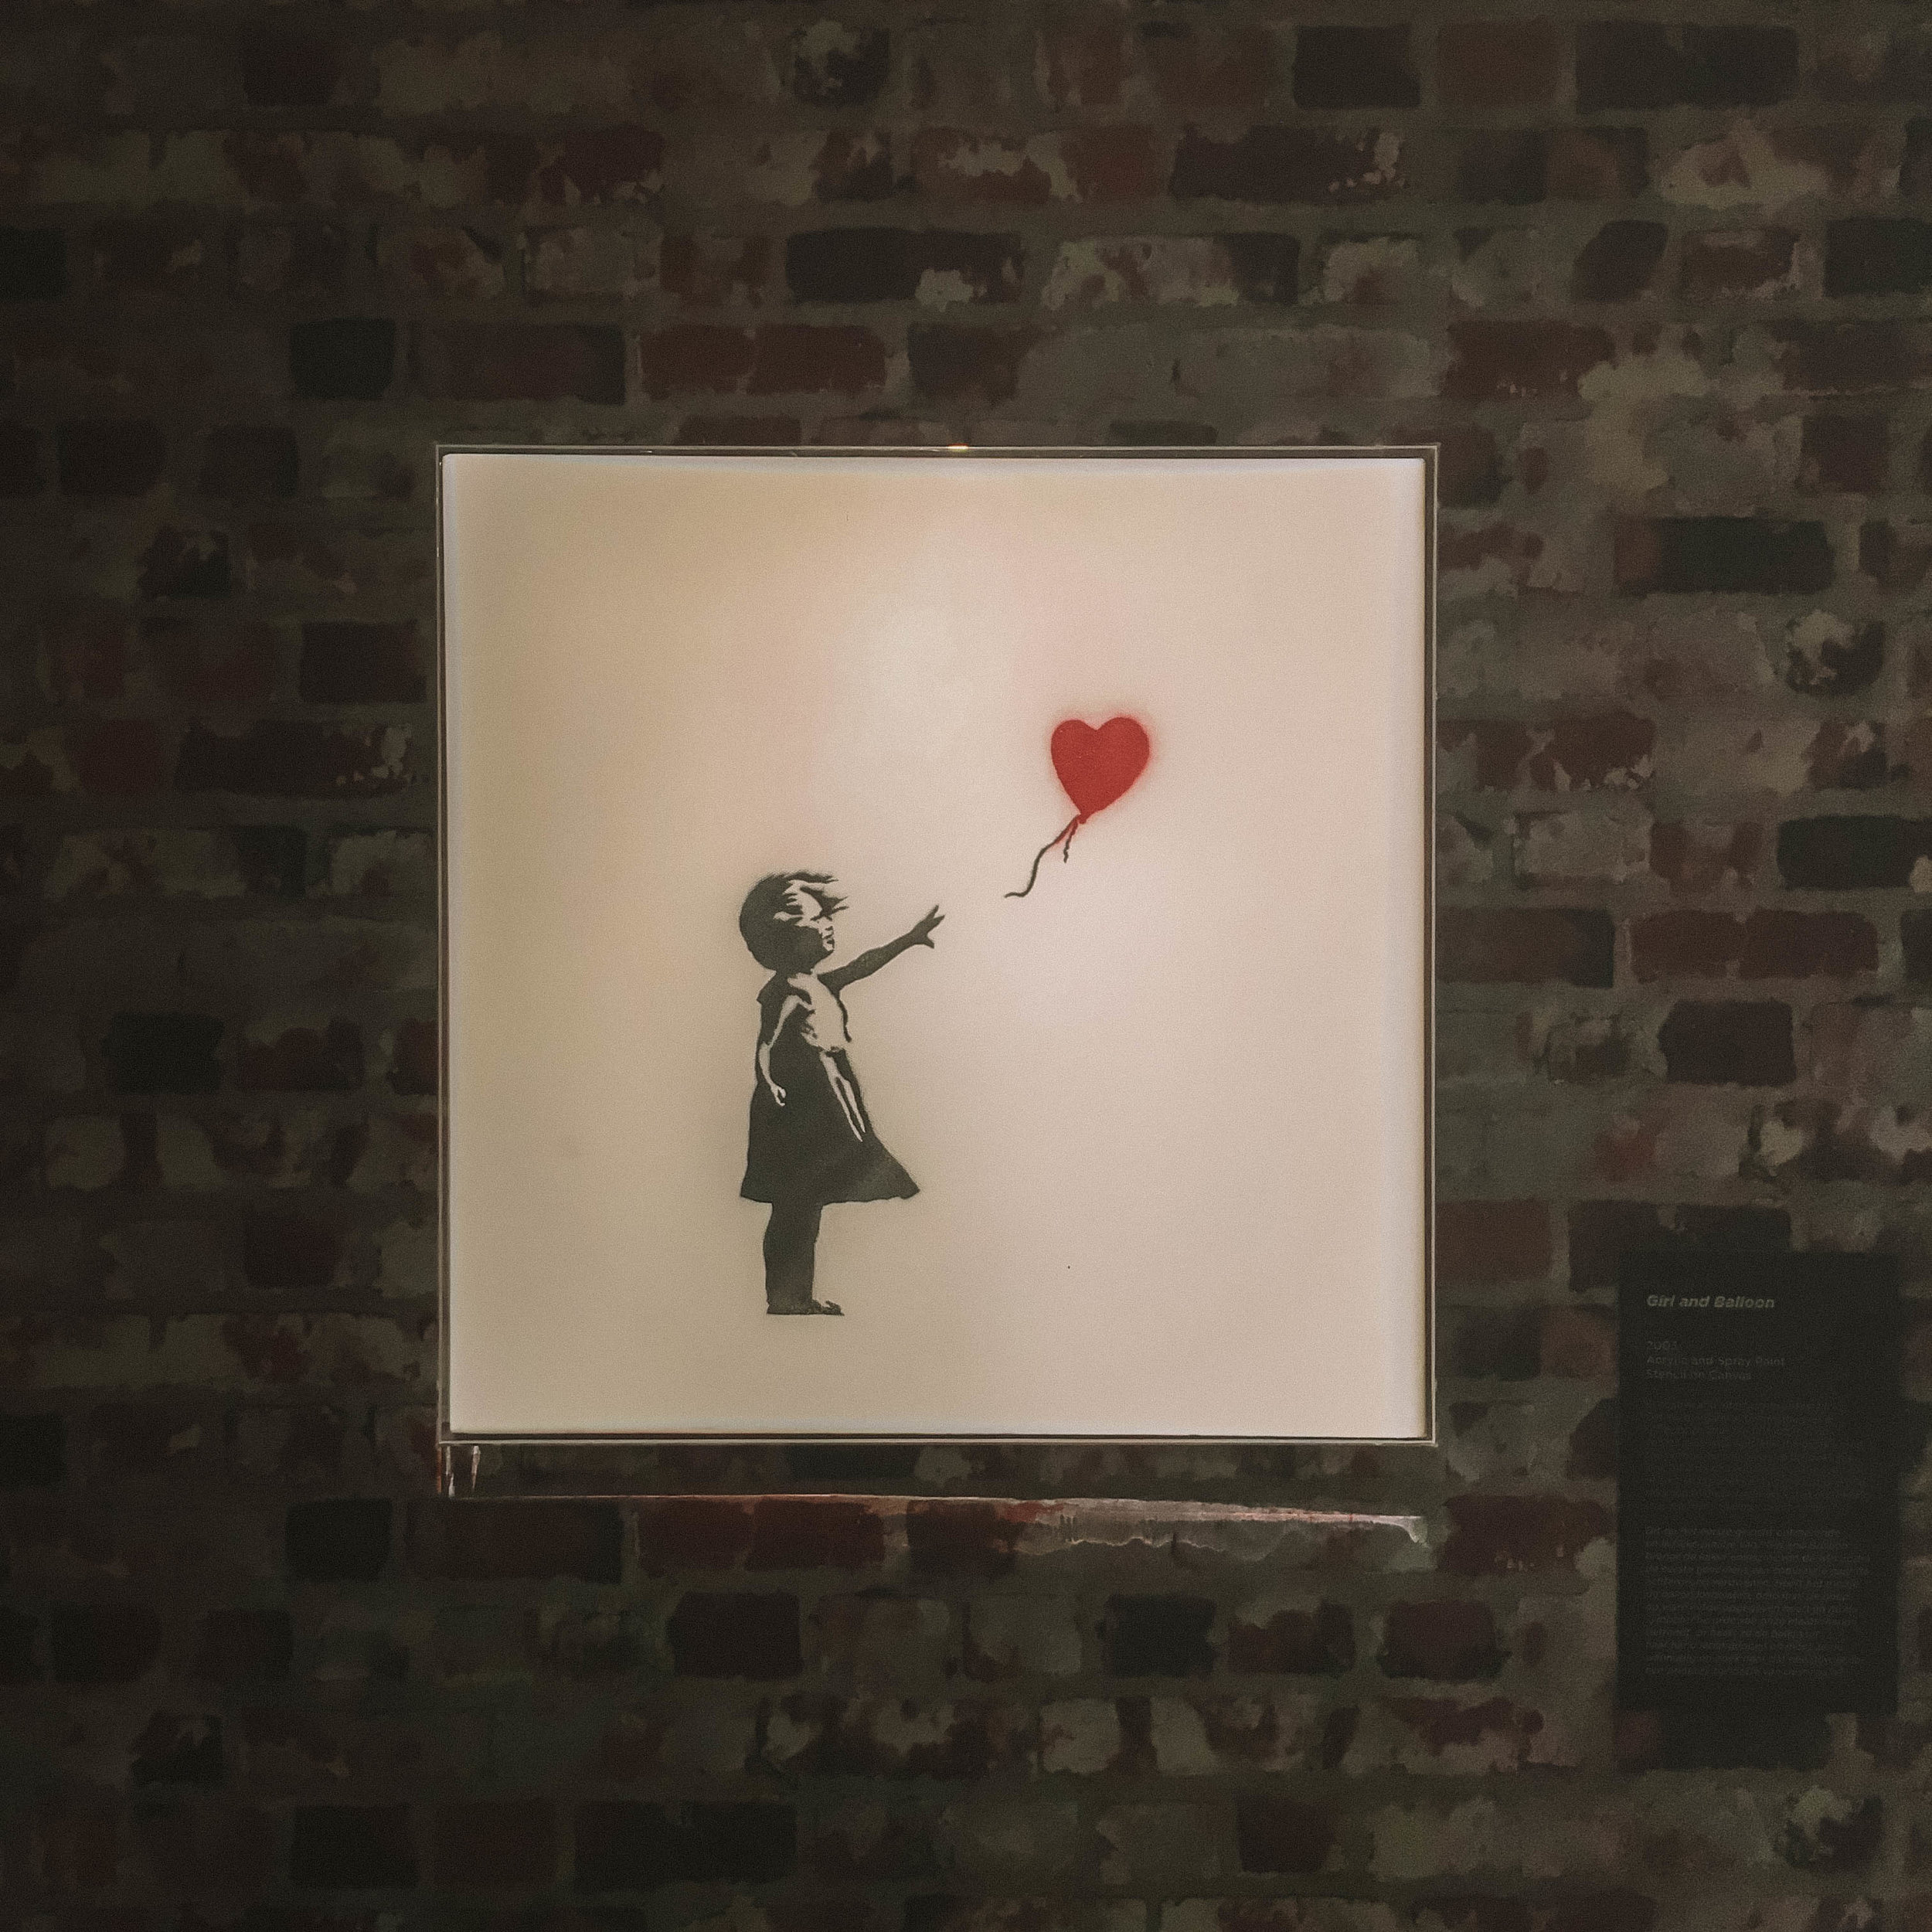 girl and balloon banksy